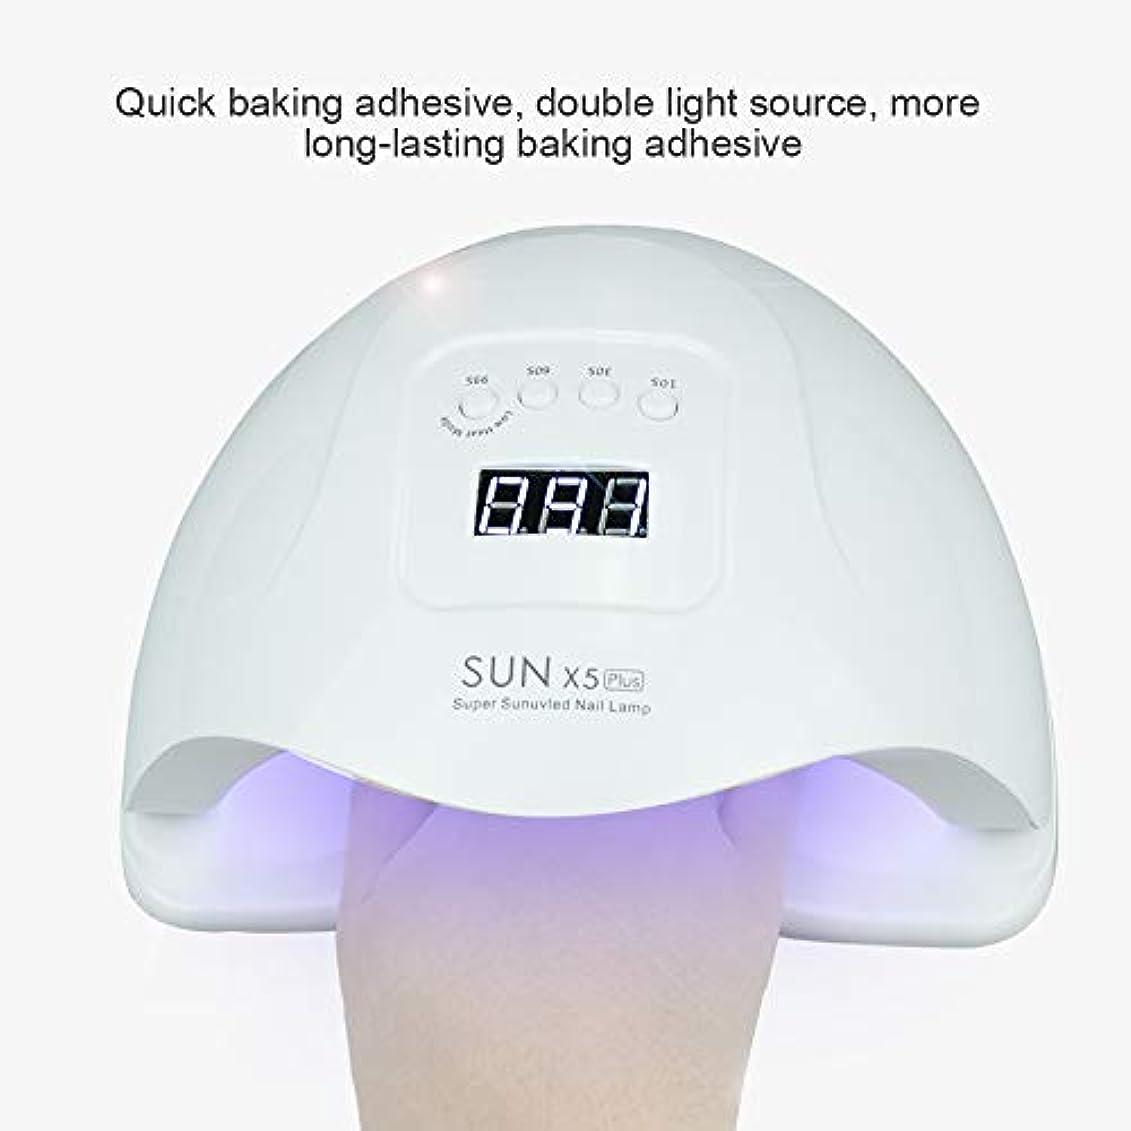 誤解安心させるラインDecdeal ネイルドライヤー 80W UVランプ LEDランプ ネイルネイルドライヤーアートツール用 スマートポーランドセンサーライト